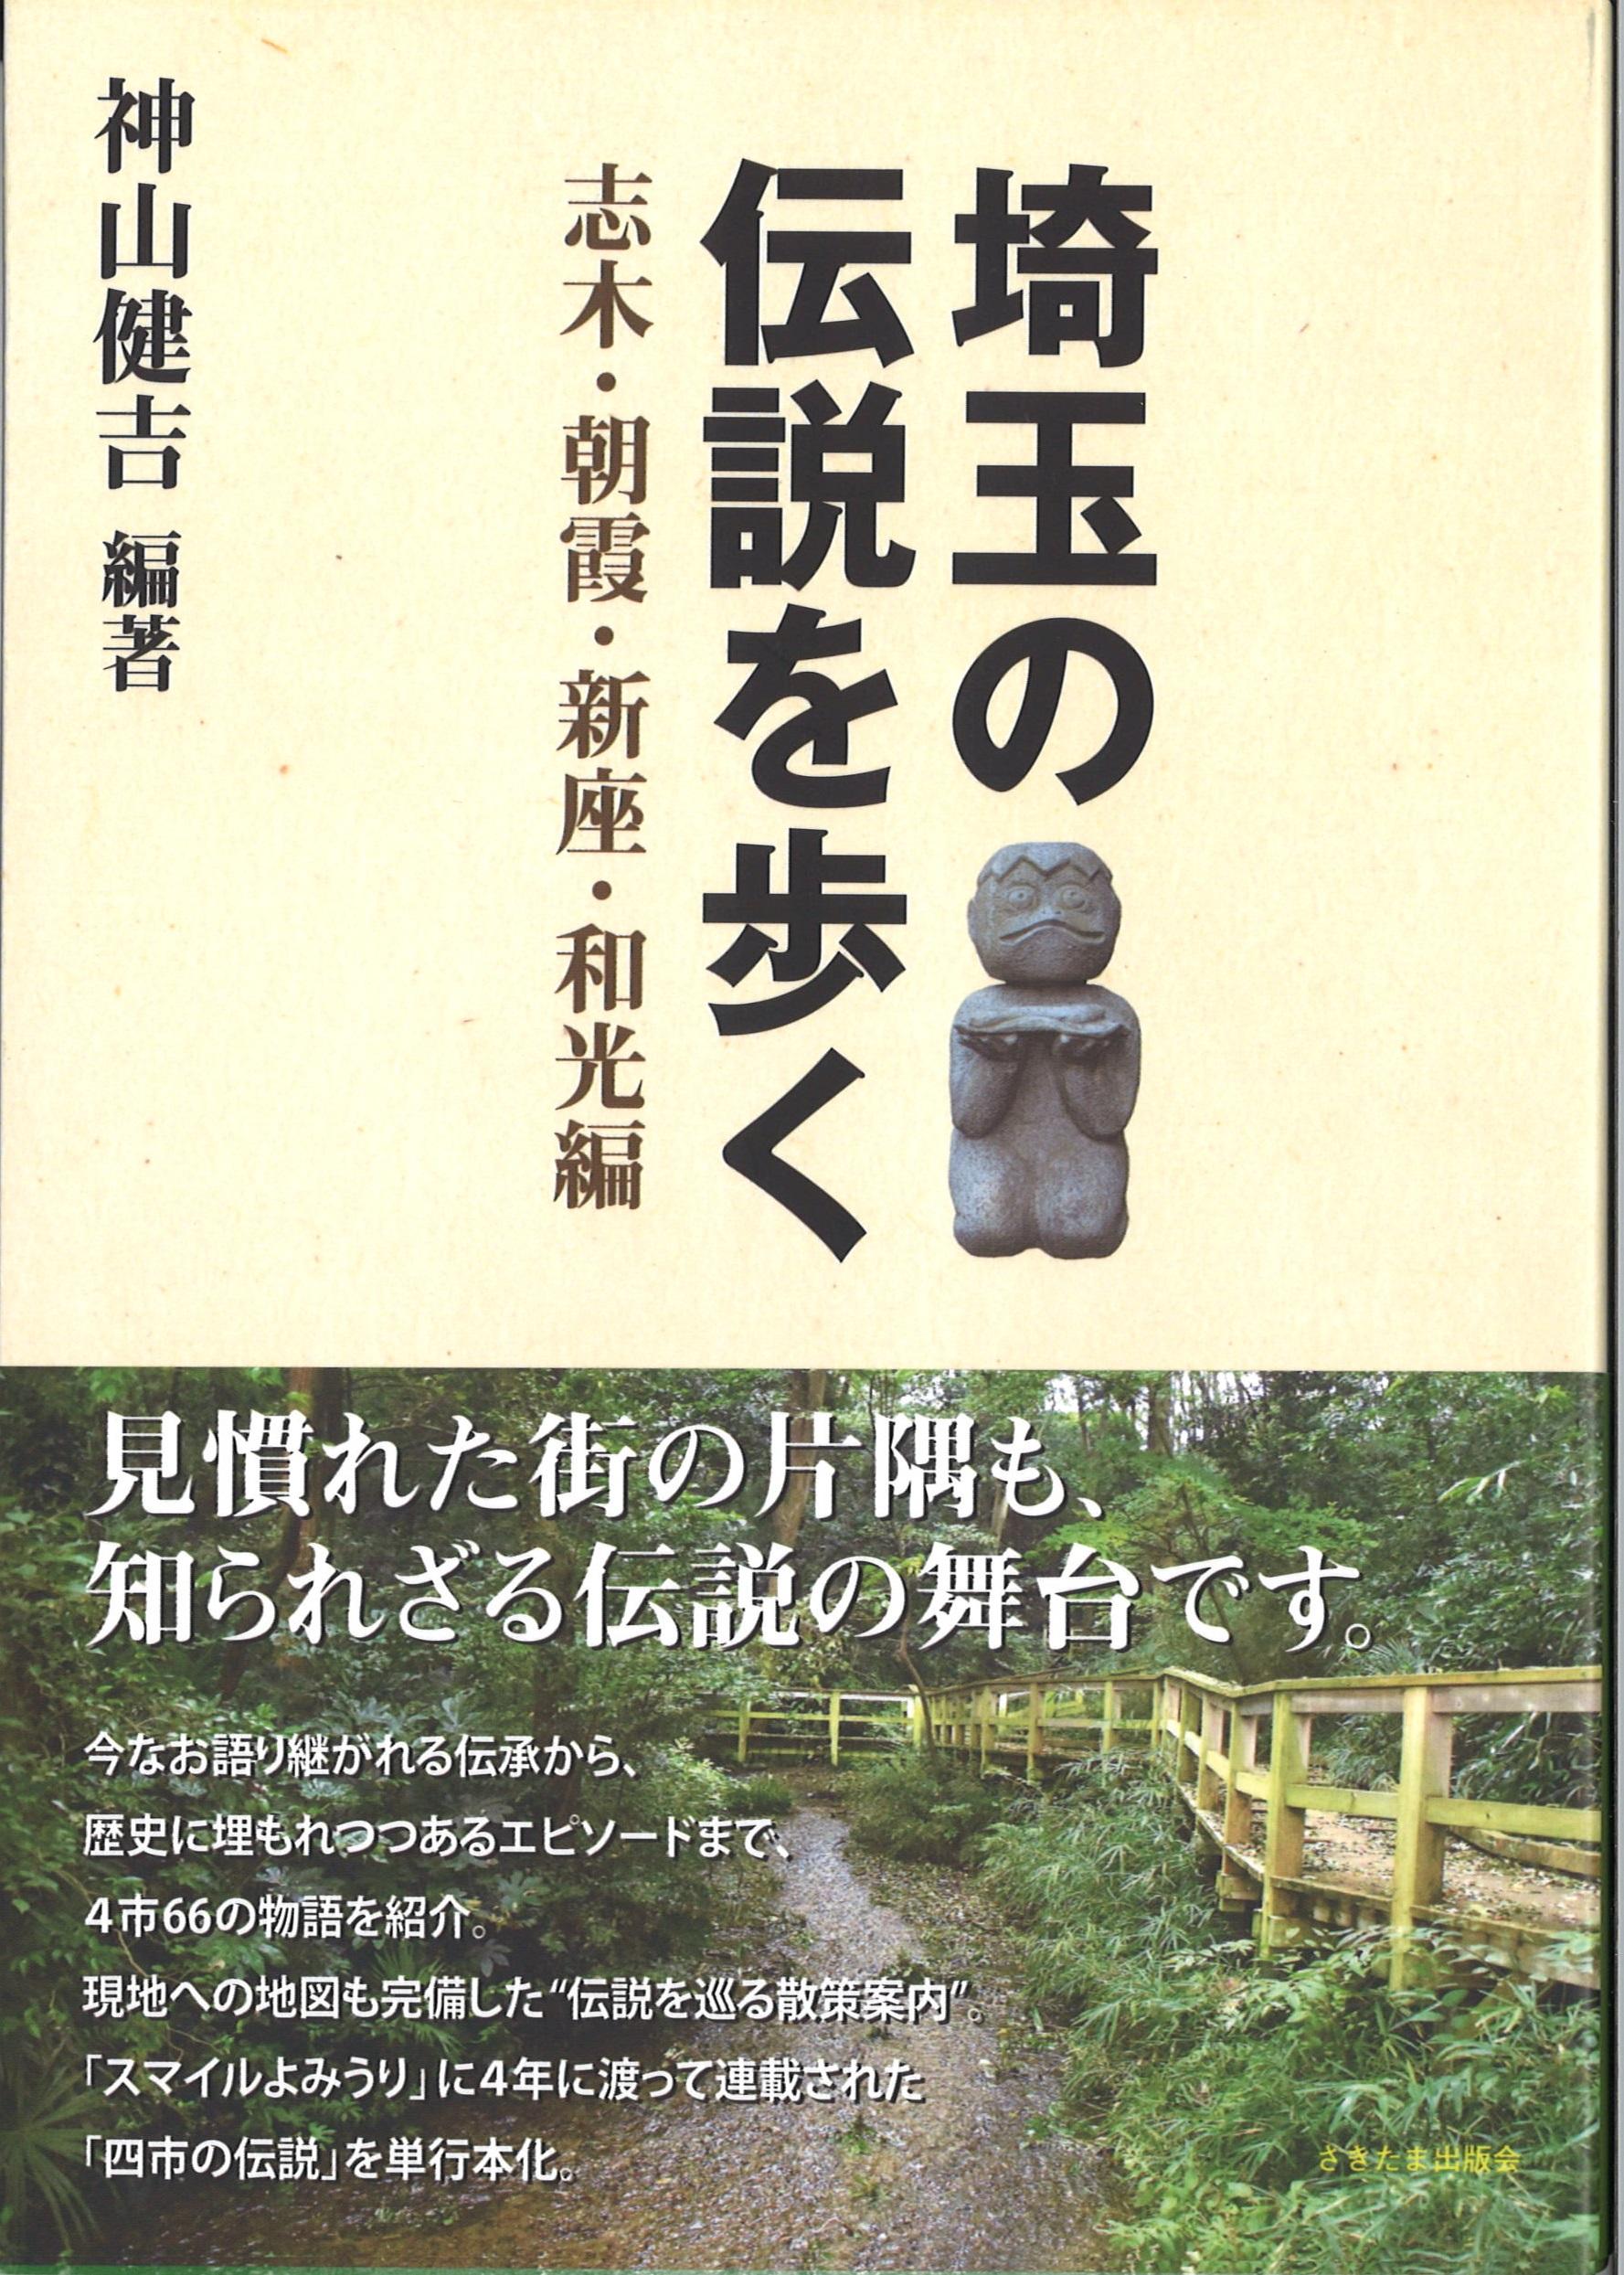 埼玉の伝説を歩く